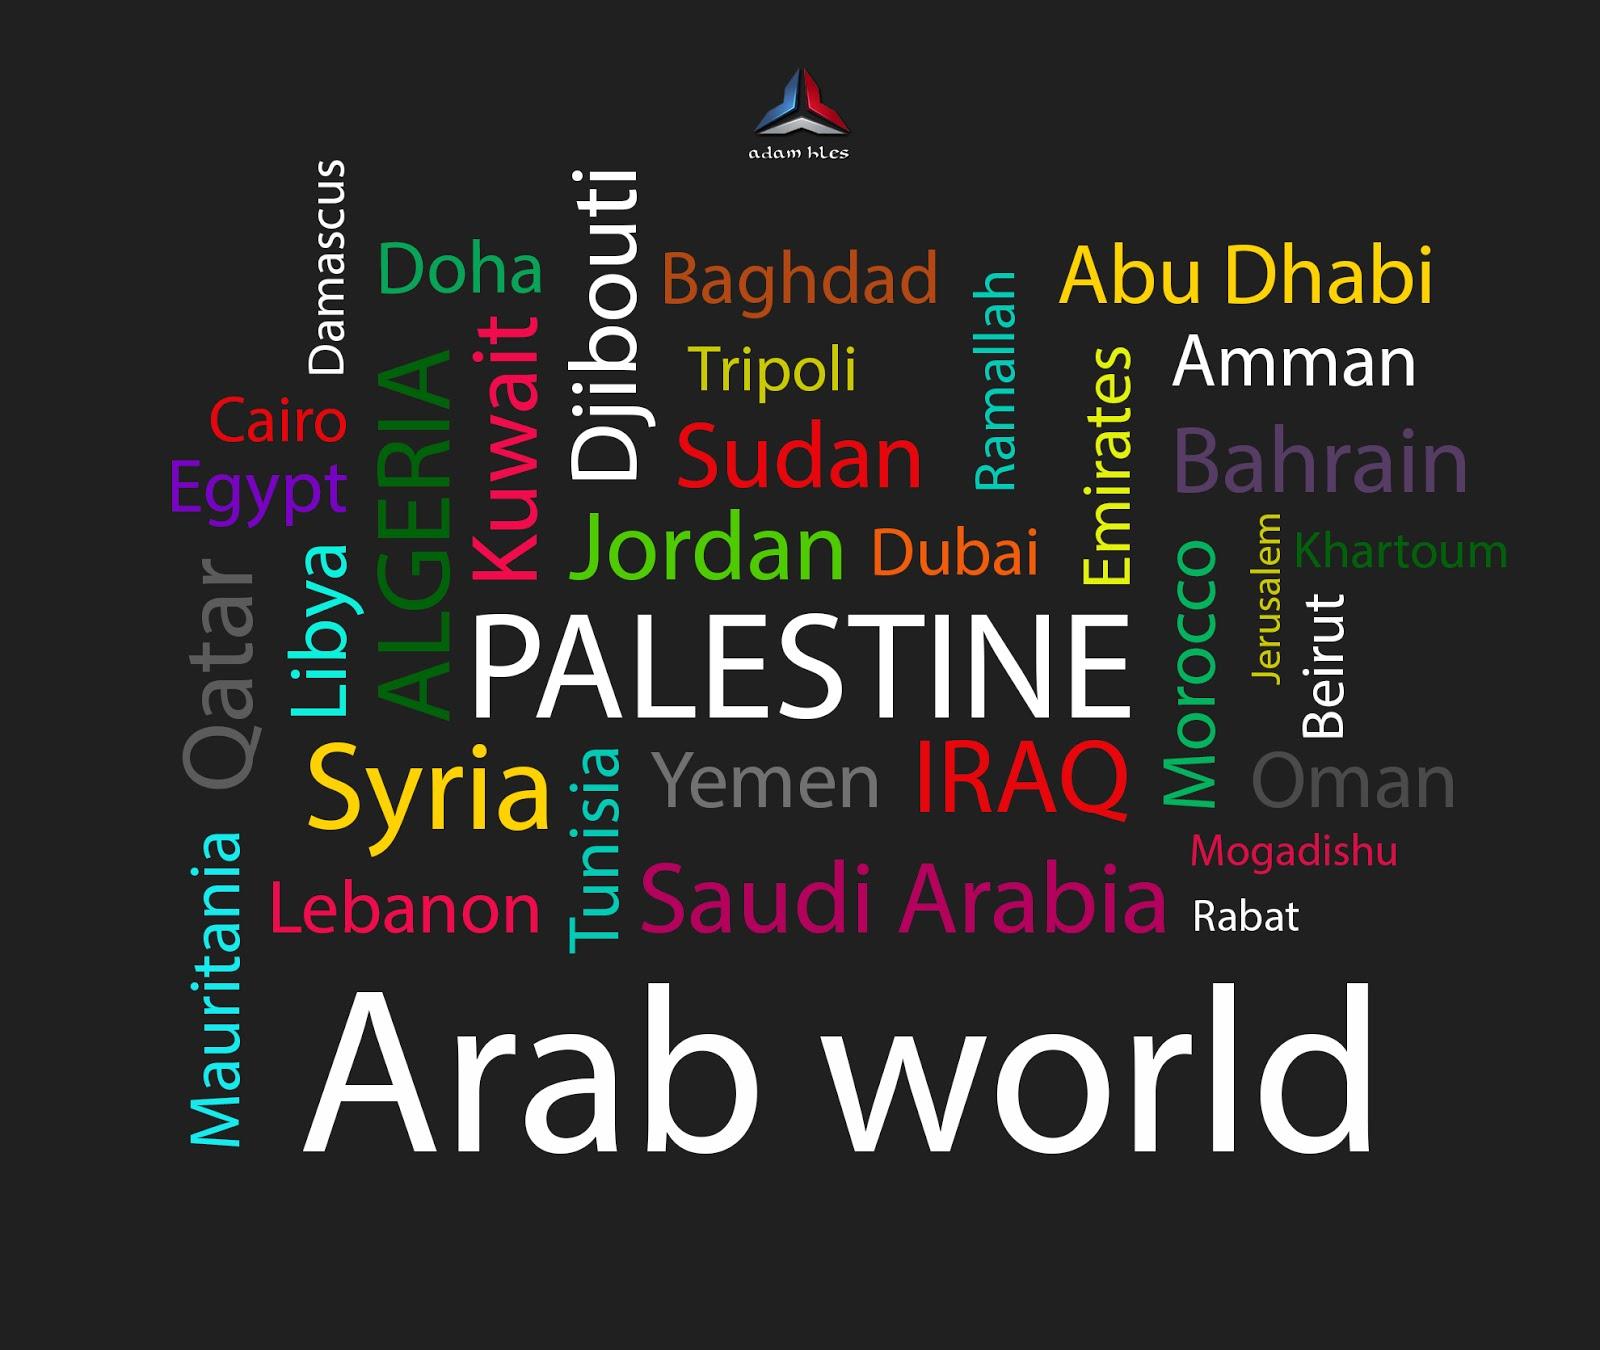 names of Arab